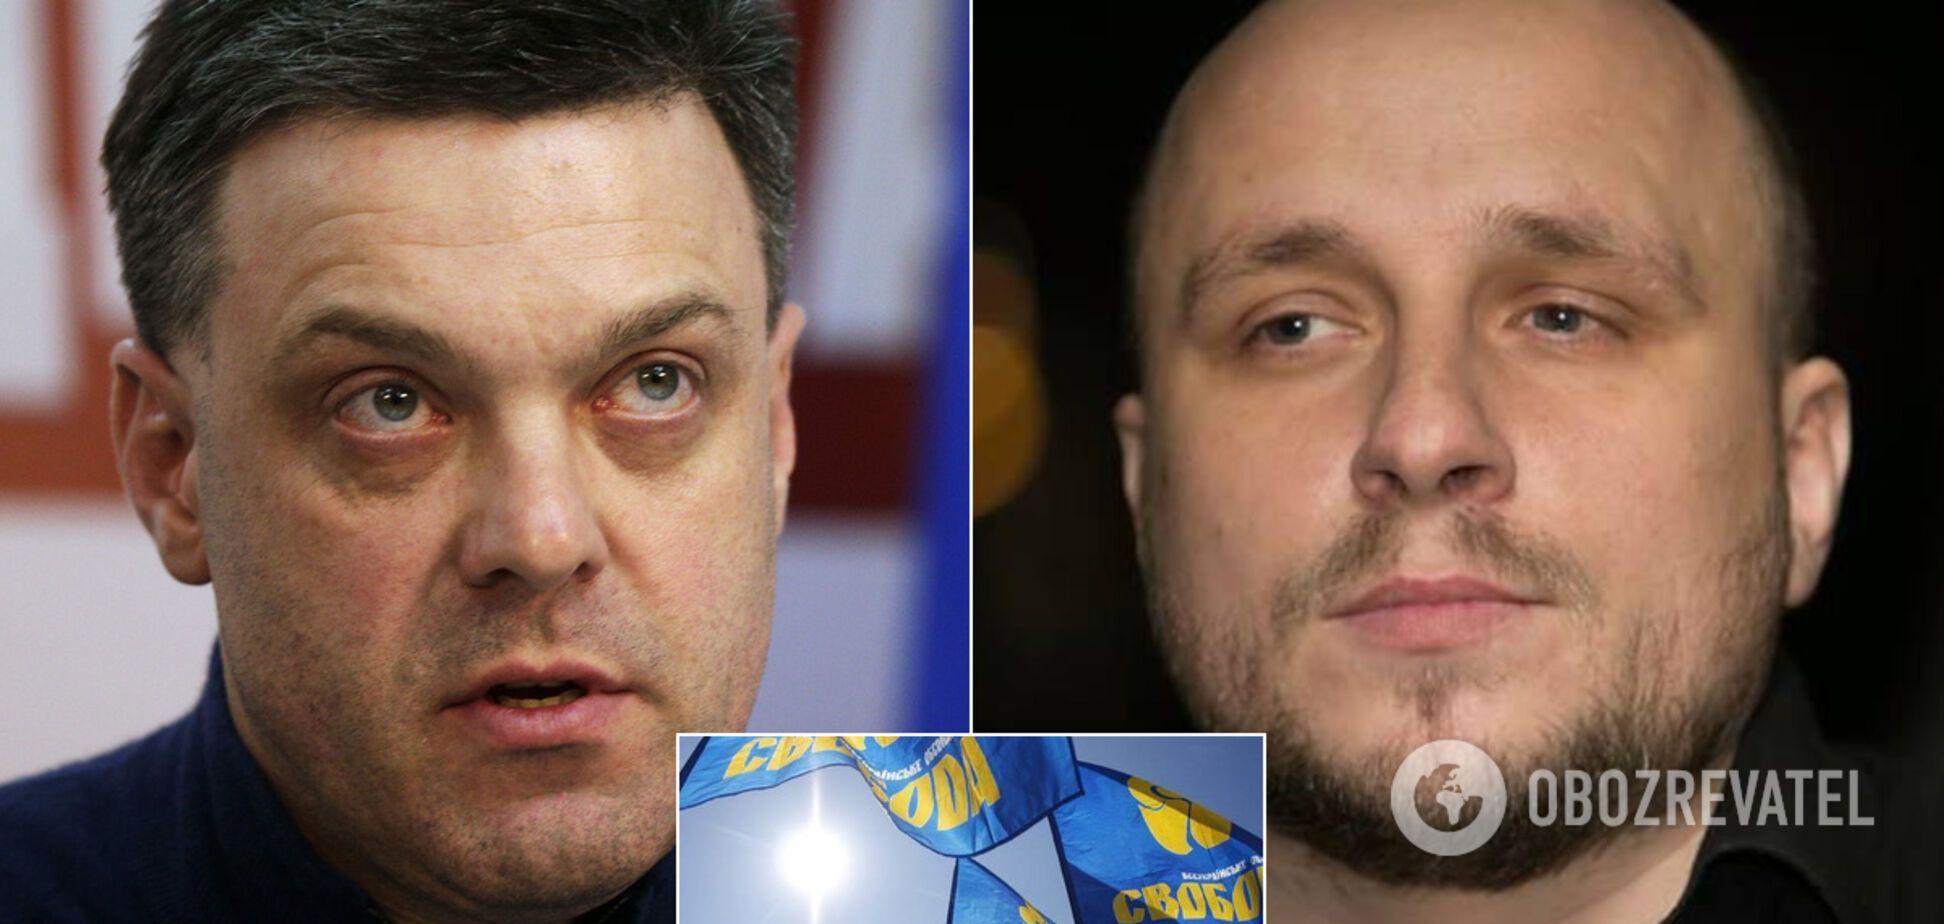 В 'Свободе' разгорелся скандал: депутат вышел из партии, заявив о шантаже и запретах